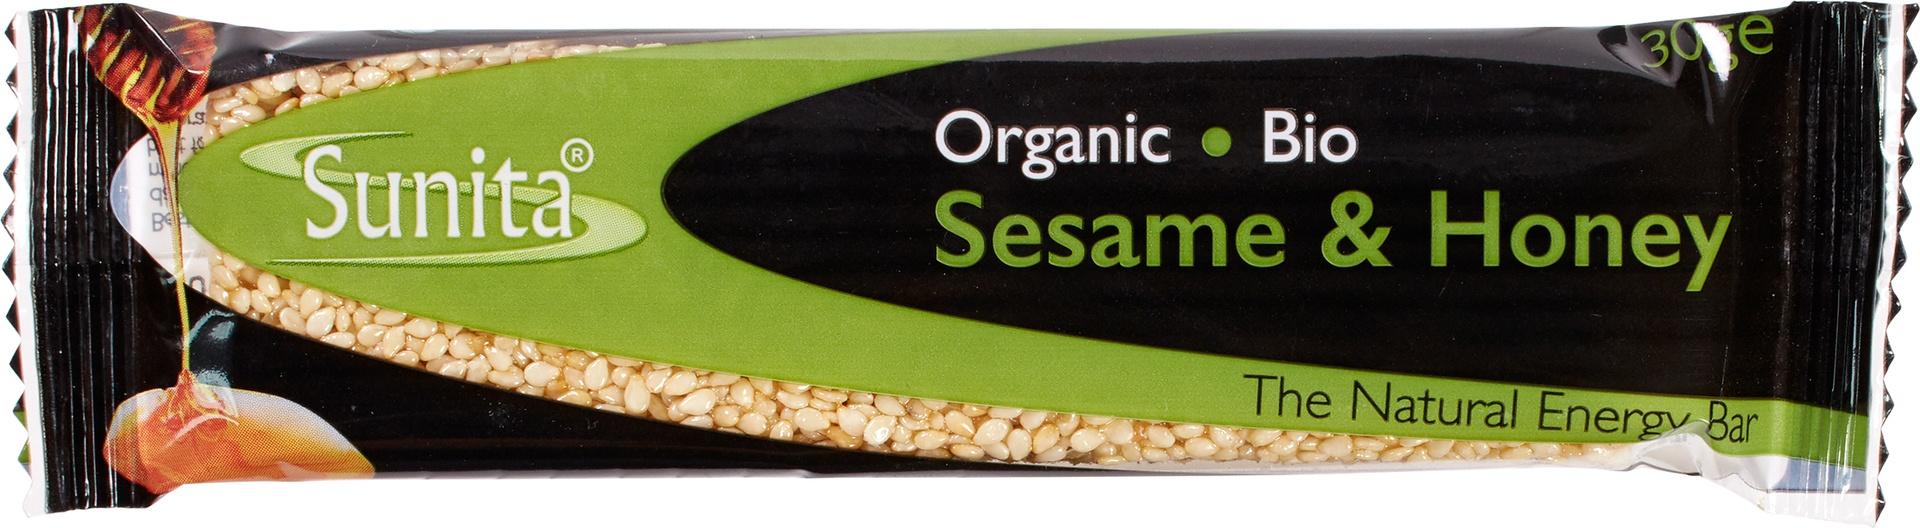 Biologische Sunita Sesamreep honing 30 gr